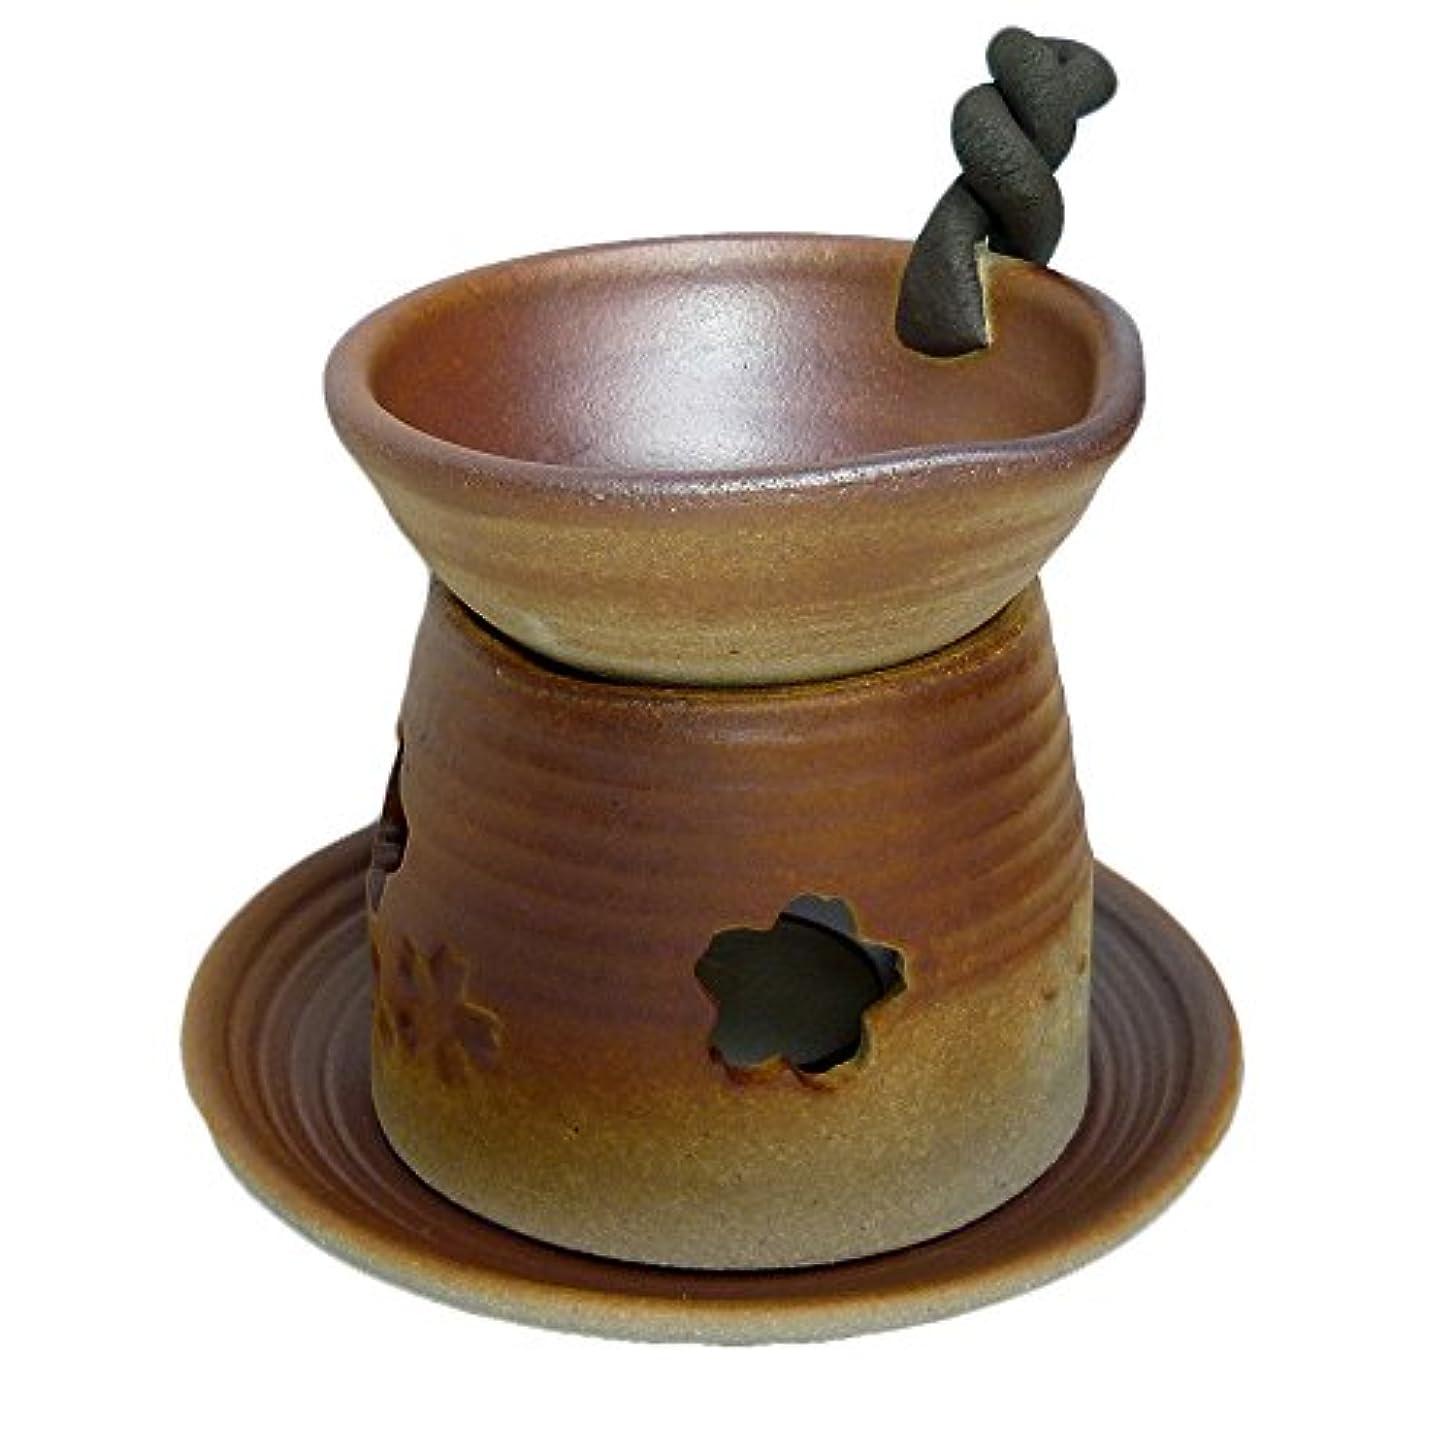 に勝るより平らな冷える香炉 錆吹き 手付茶香炉 [H13.5cm] HANDMADE プレゼント ギフト 和食器 かわいい インテリア